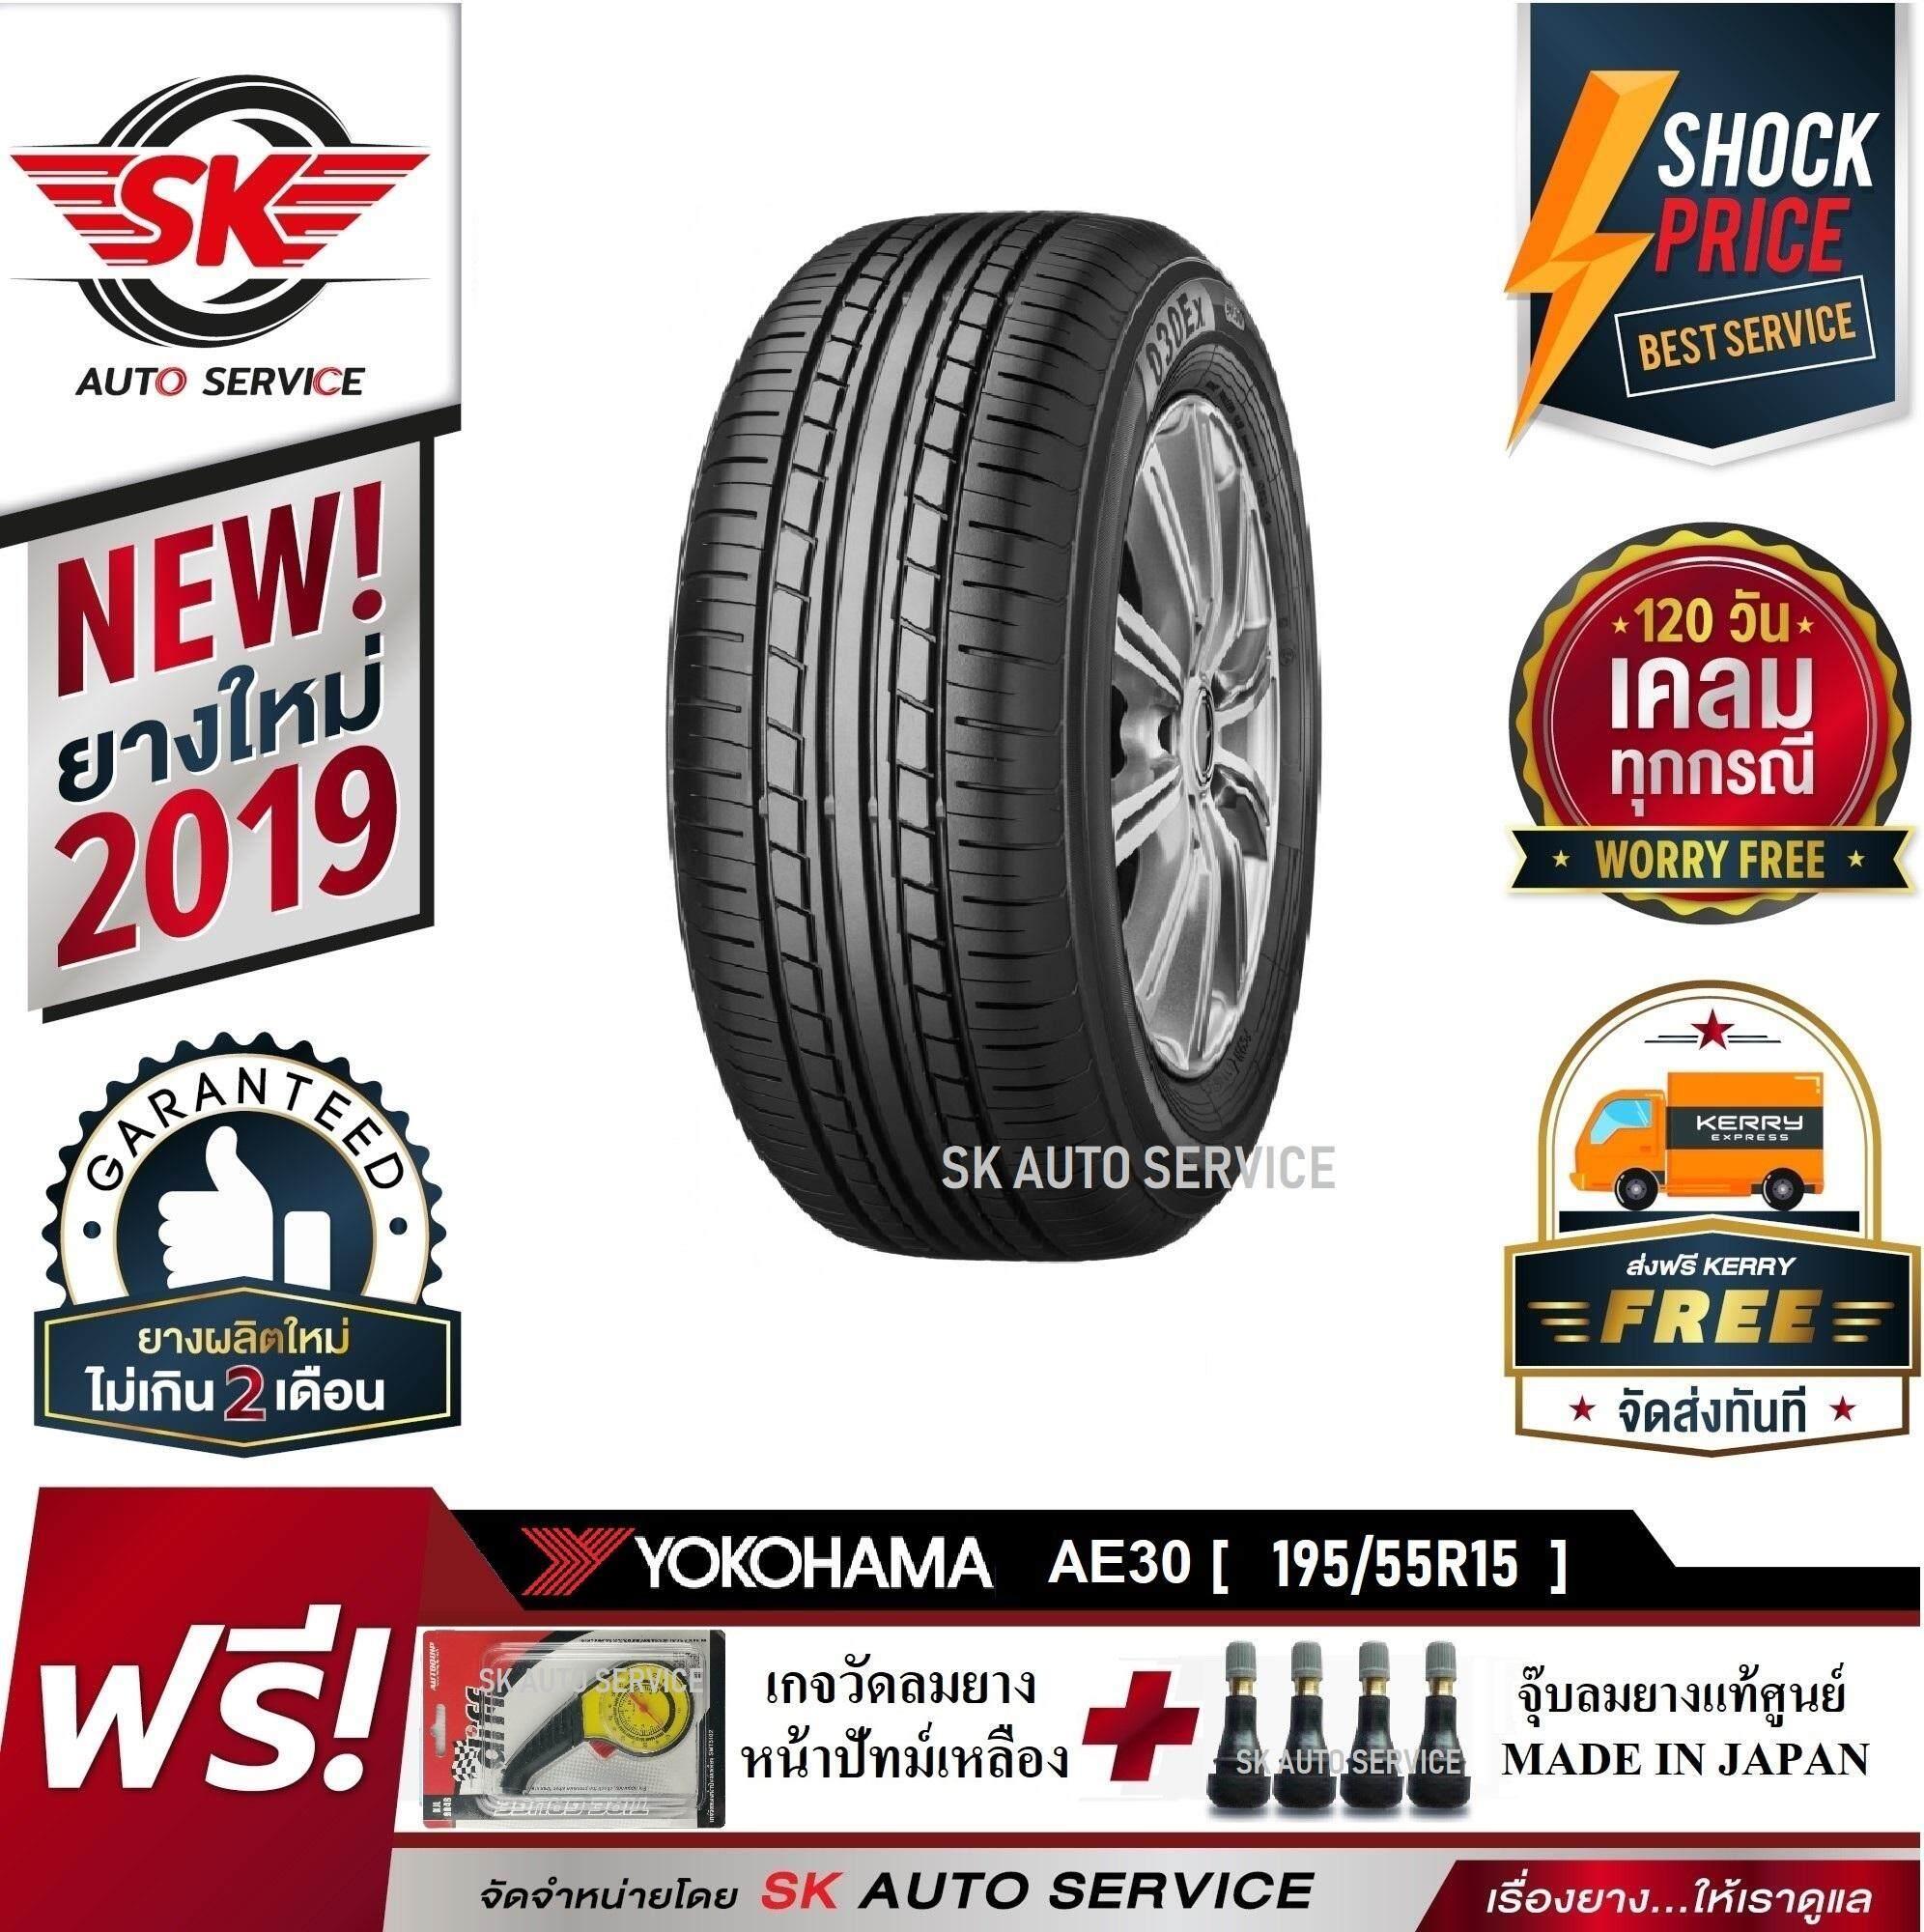 ประกันภัย รถยนต์ 3 พลัส ราคา ถูก ลพบุรี YOKOHAMA ยางรถยนต์ 195/55R15 (ล้อขอบ15) รุ่น AL30 Ex 4 เส้น(ยางใหม่กริ๊ปปี 2019)